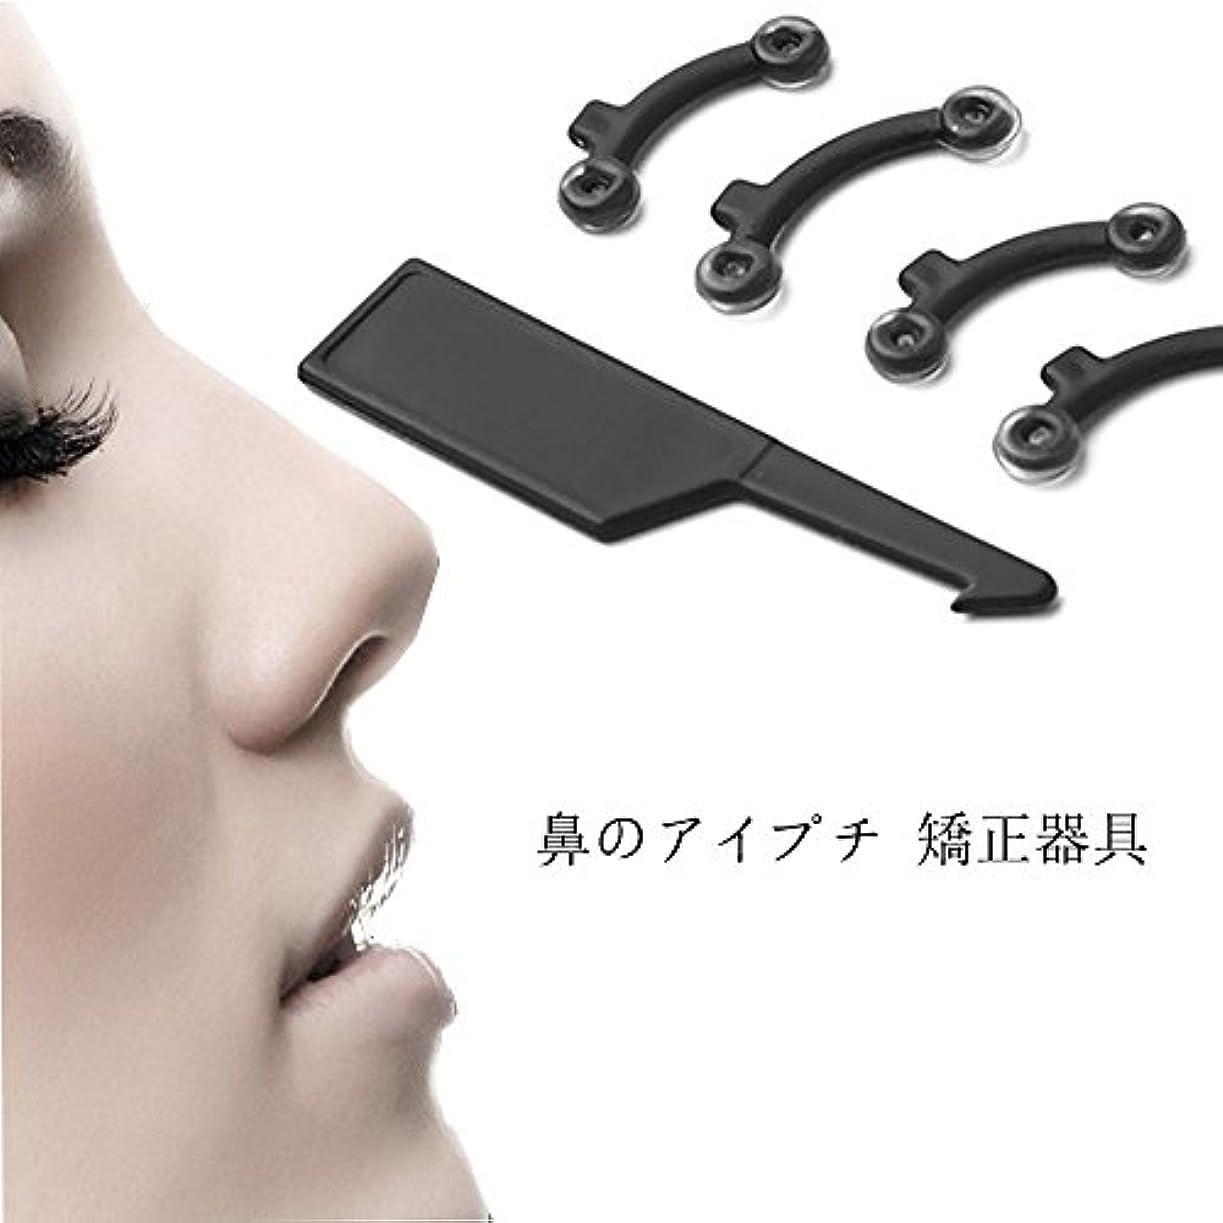 HotGame 鼻プチ コポン柔軟性高く 鼻筋スラりん 鼻パッド 美容 鼻のアイプチ 矯正器具 プチ整形 痛くない